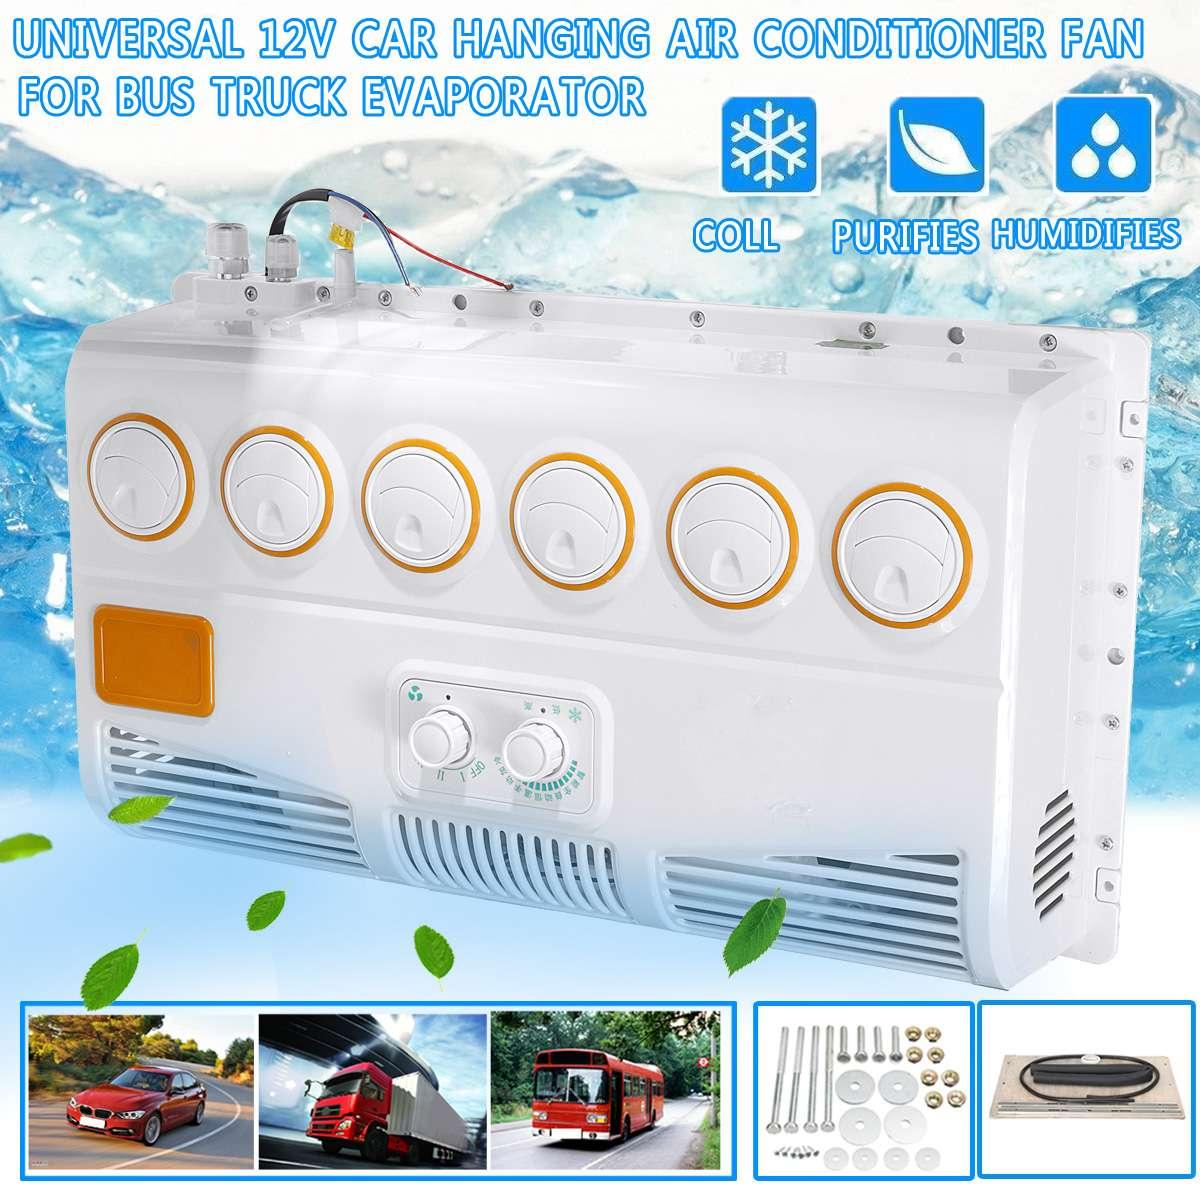 캐러밴 트럭 굴착기에 대 한 12 v/24 v 자동차 에어컨 다기능 휴대용 벽 마운트 냉각 팬 쿨러 쉬운 설치